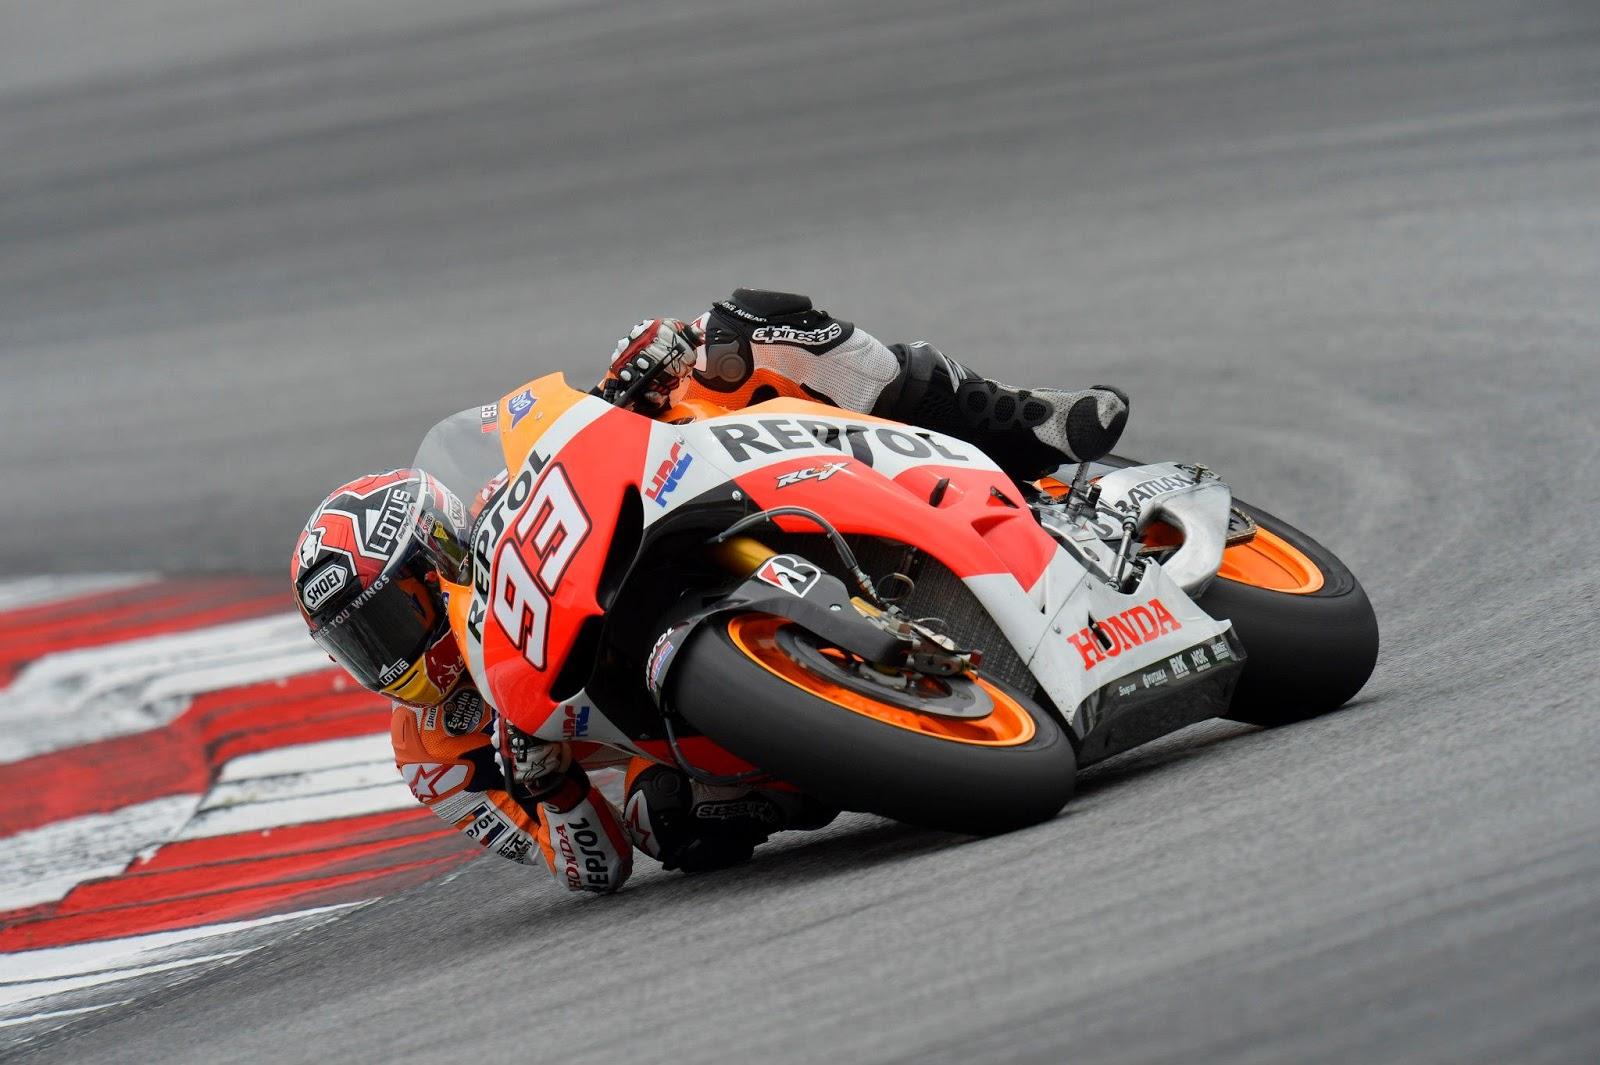 Marc Marquez MotoGP HD Wallpaper   HD Wallpaper HD Wallpaper 1600x1065